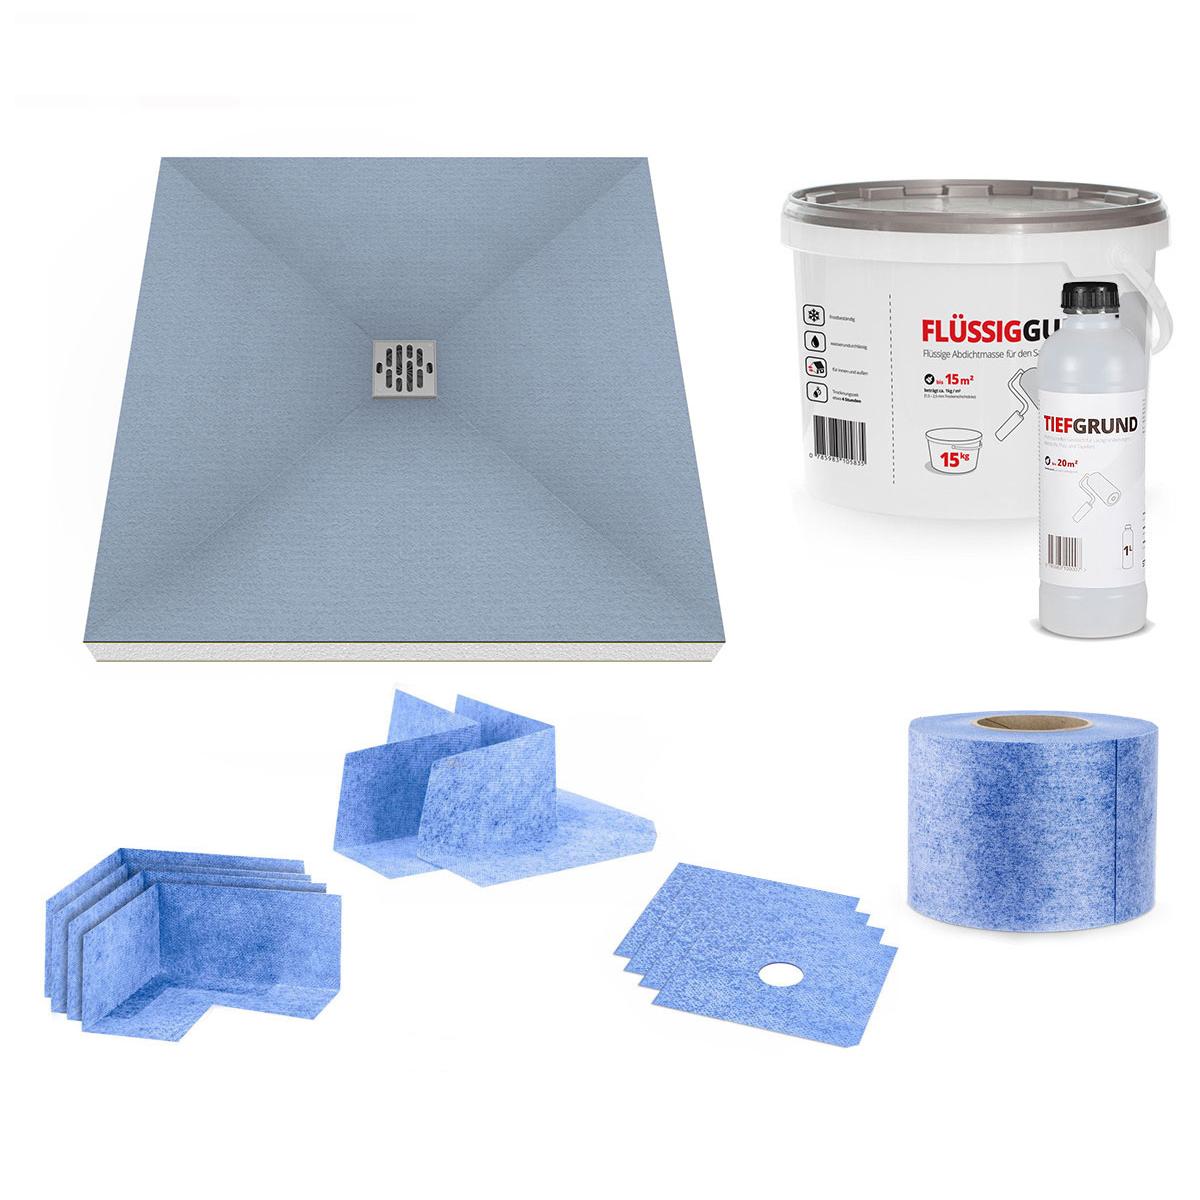 duschelement ebenerdig duschboard befliesbar duschtasse. Black Bedroom Furniture Sets. Home Design Ideas